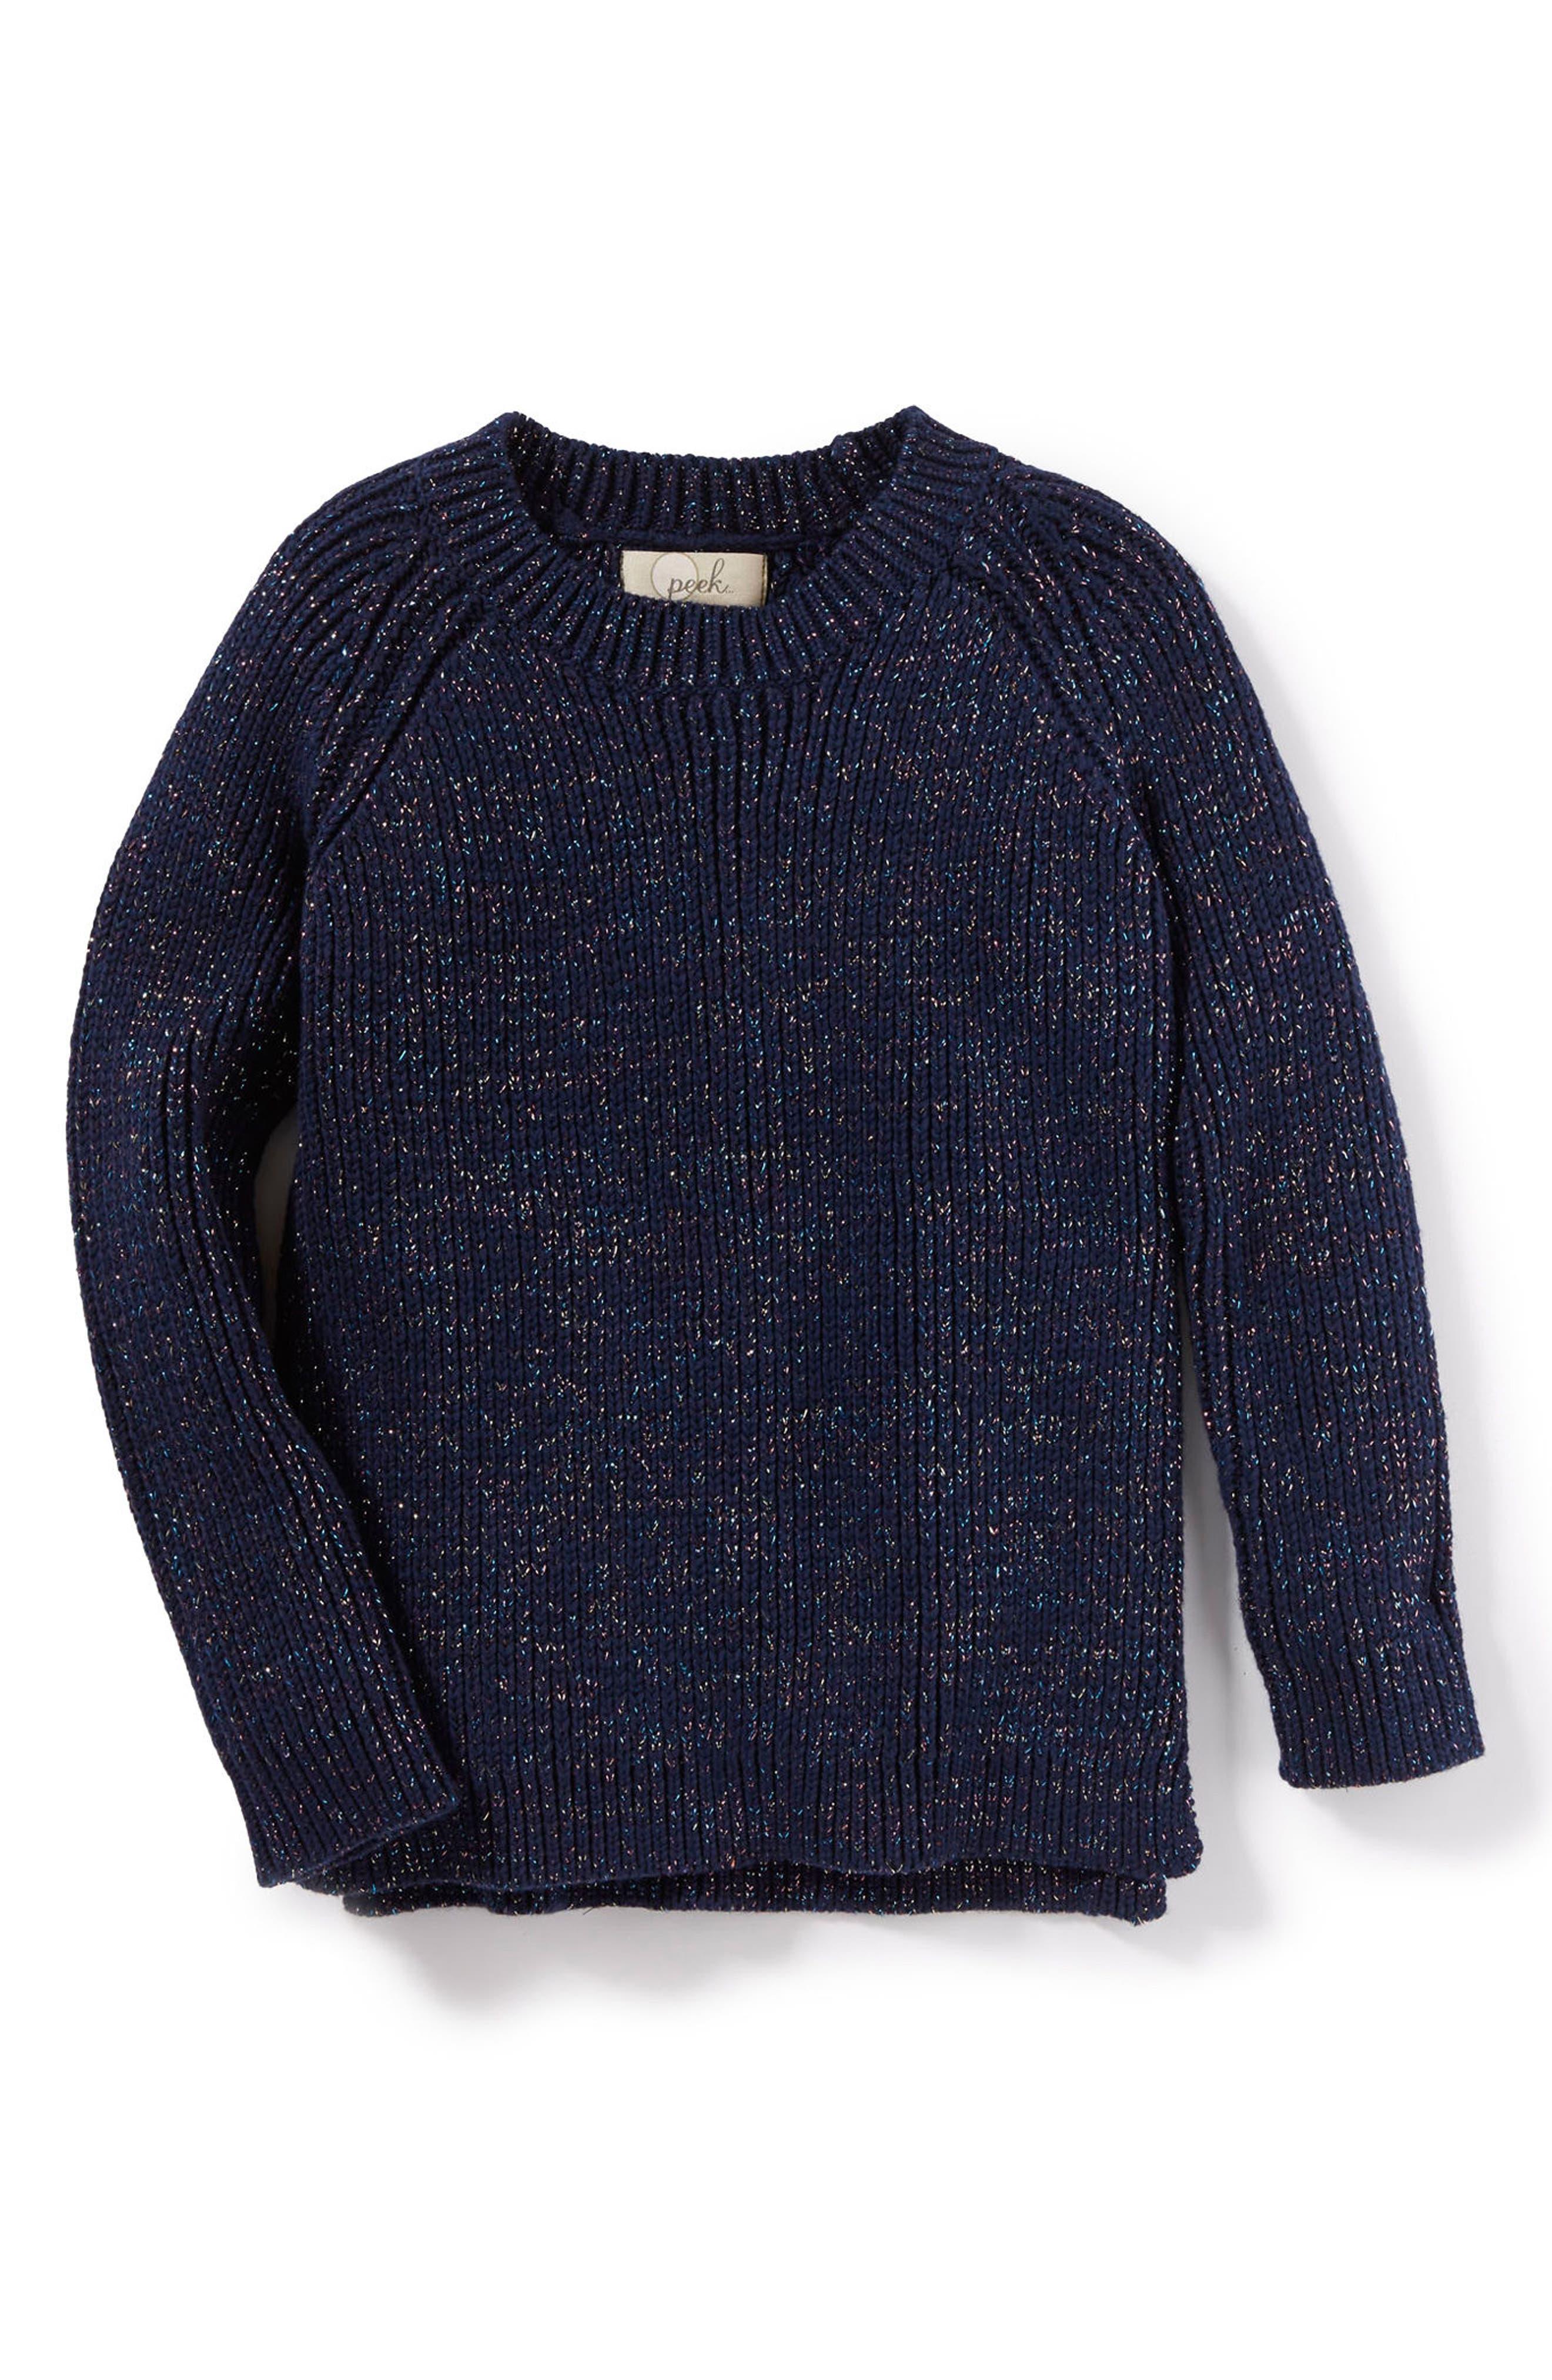 Serena Sweater,                             Main thumbnail 1, color,                             Navy